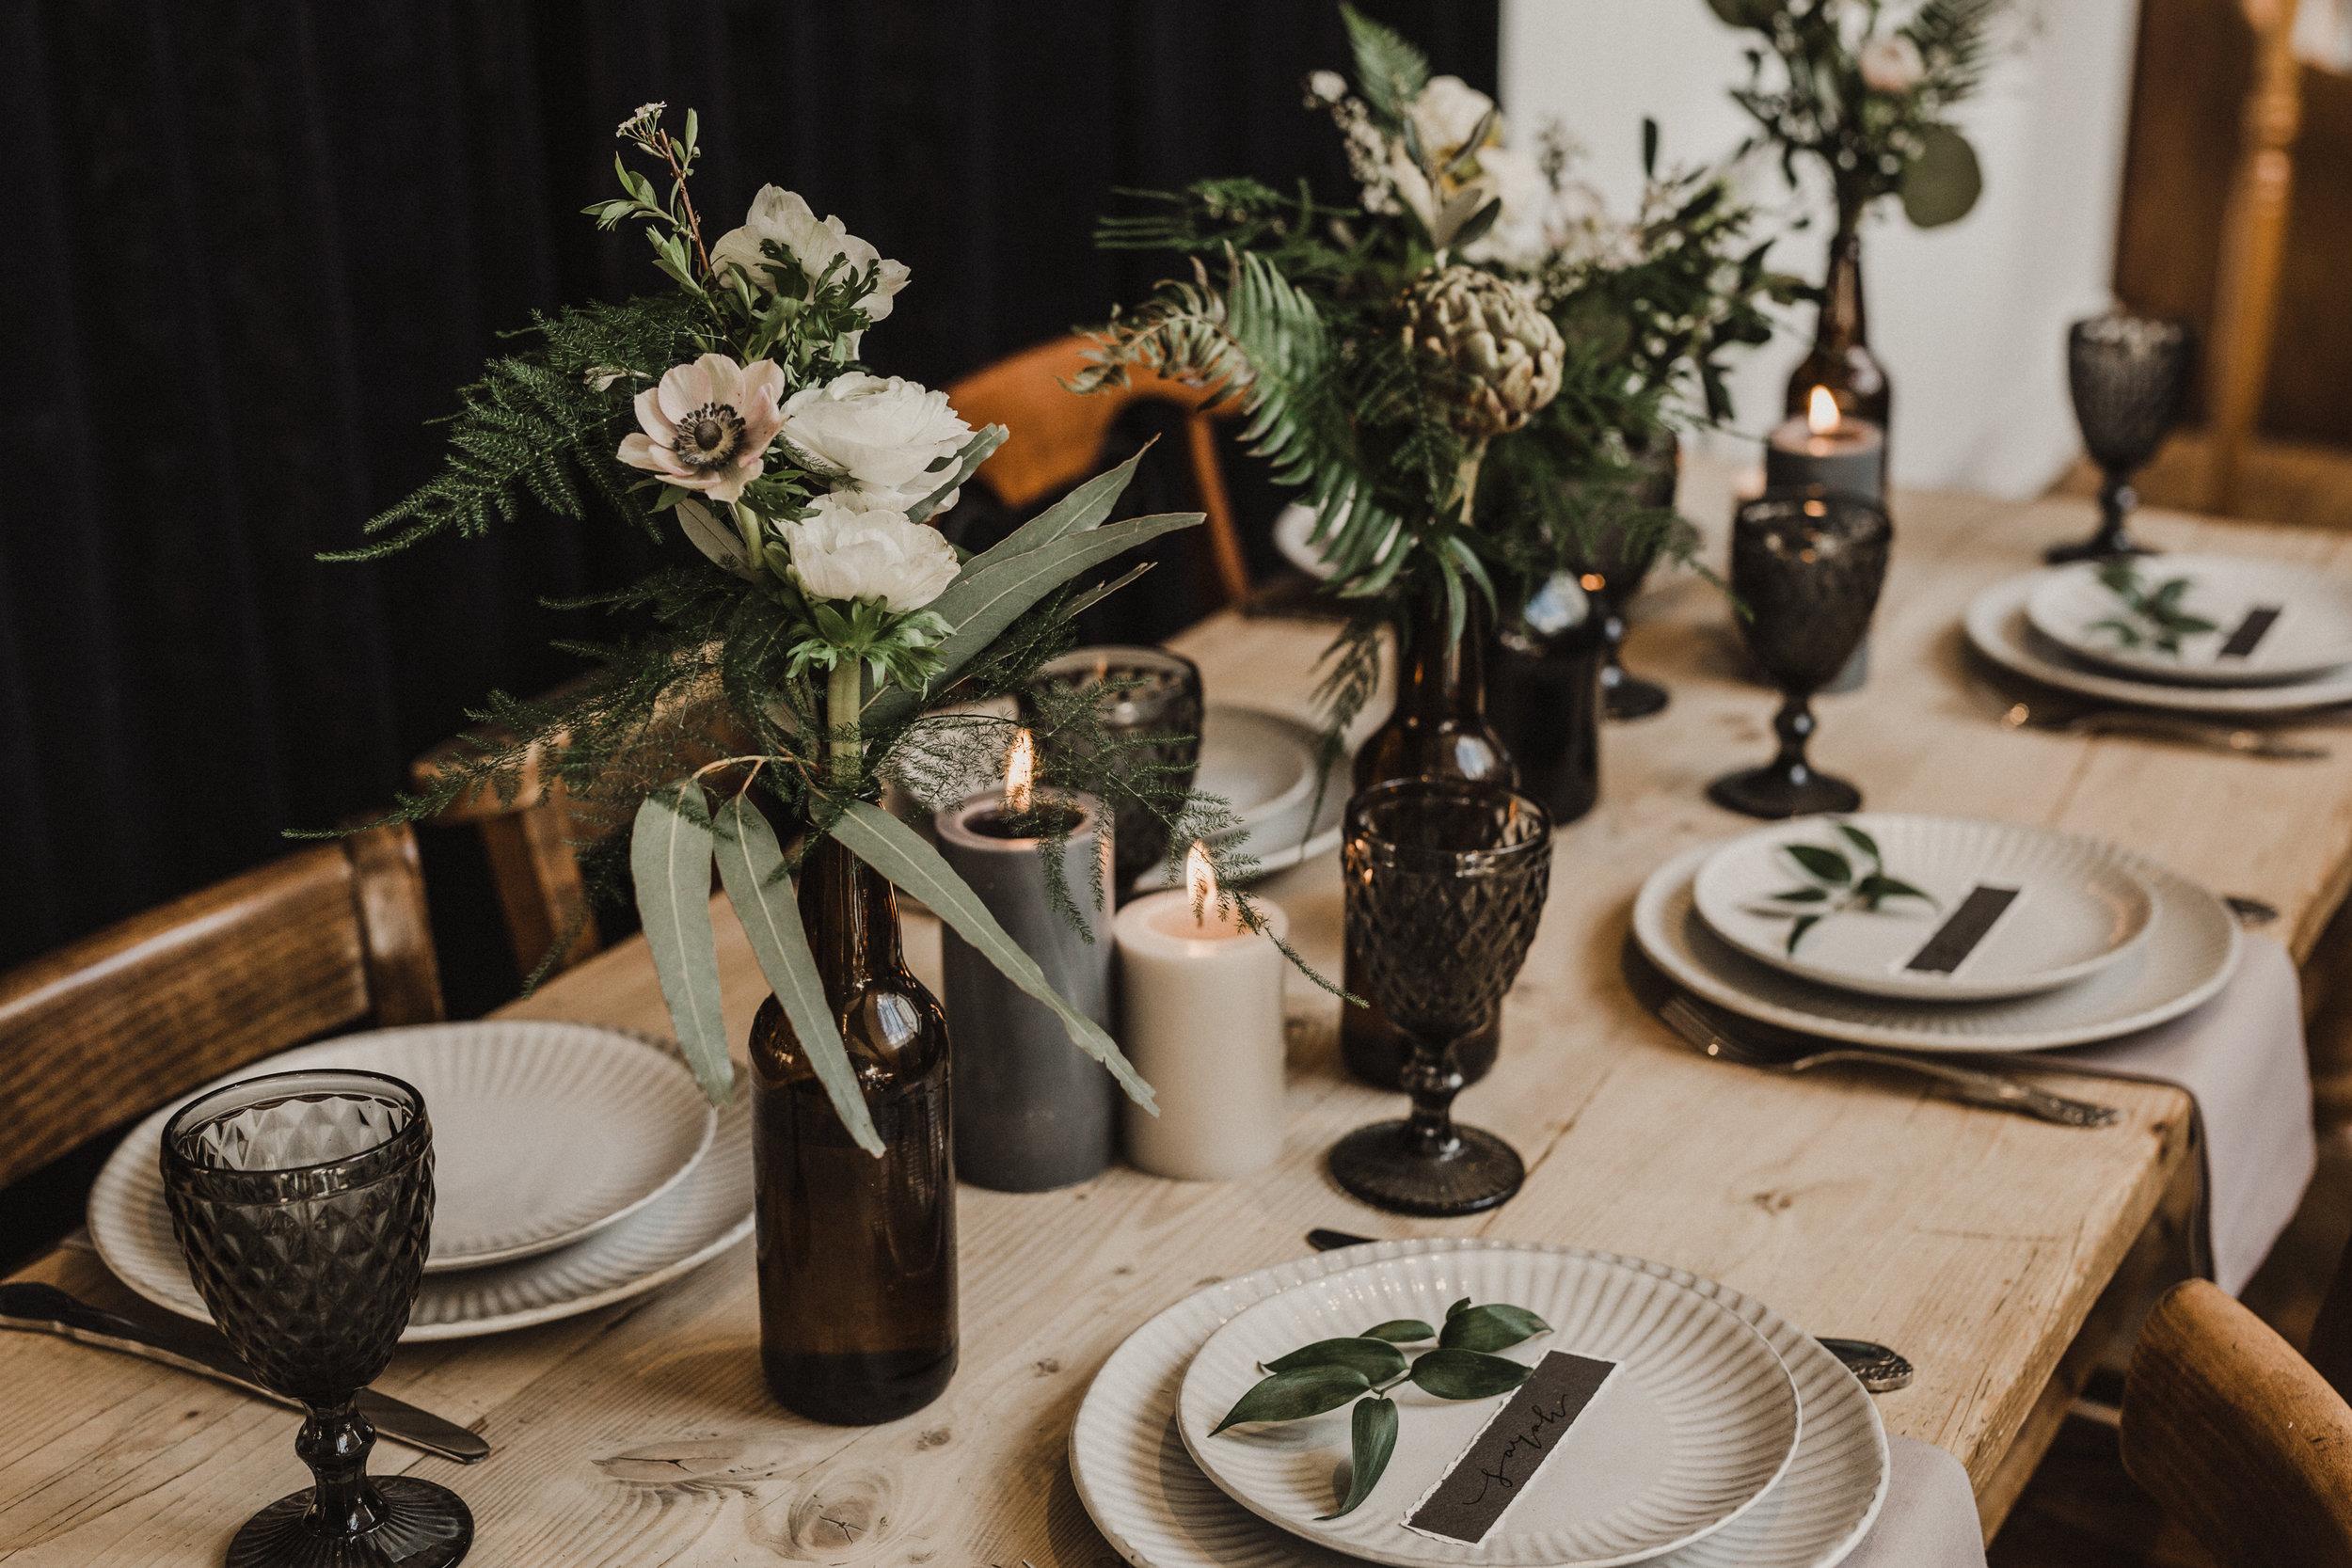 sula bailie wedding table centrepiece florist london pub shoot